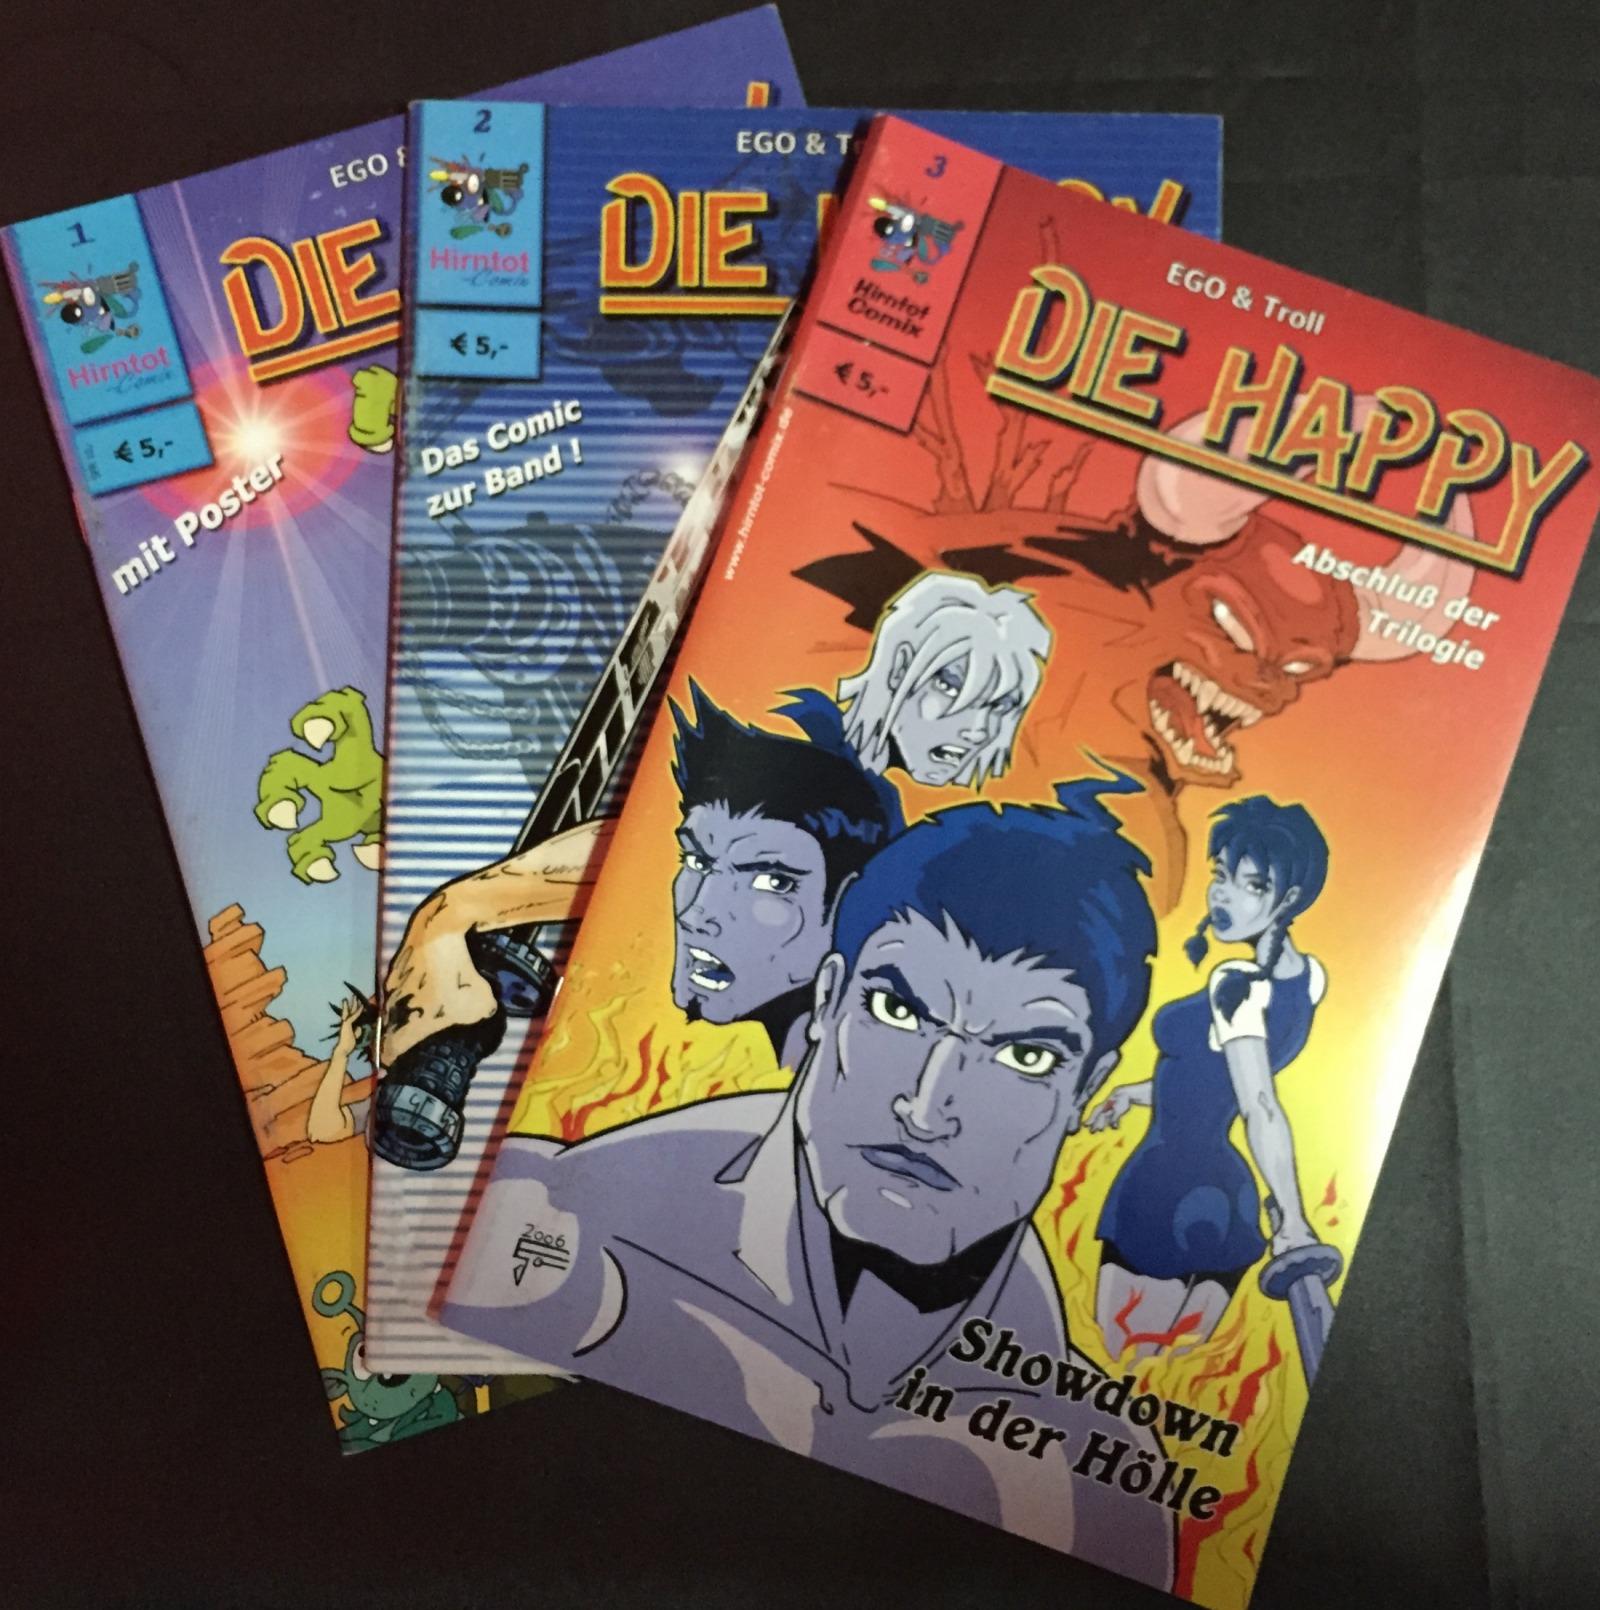 Die Happy Comic - Part 1-3